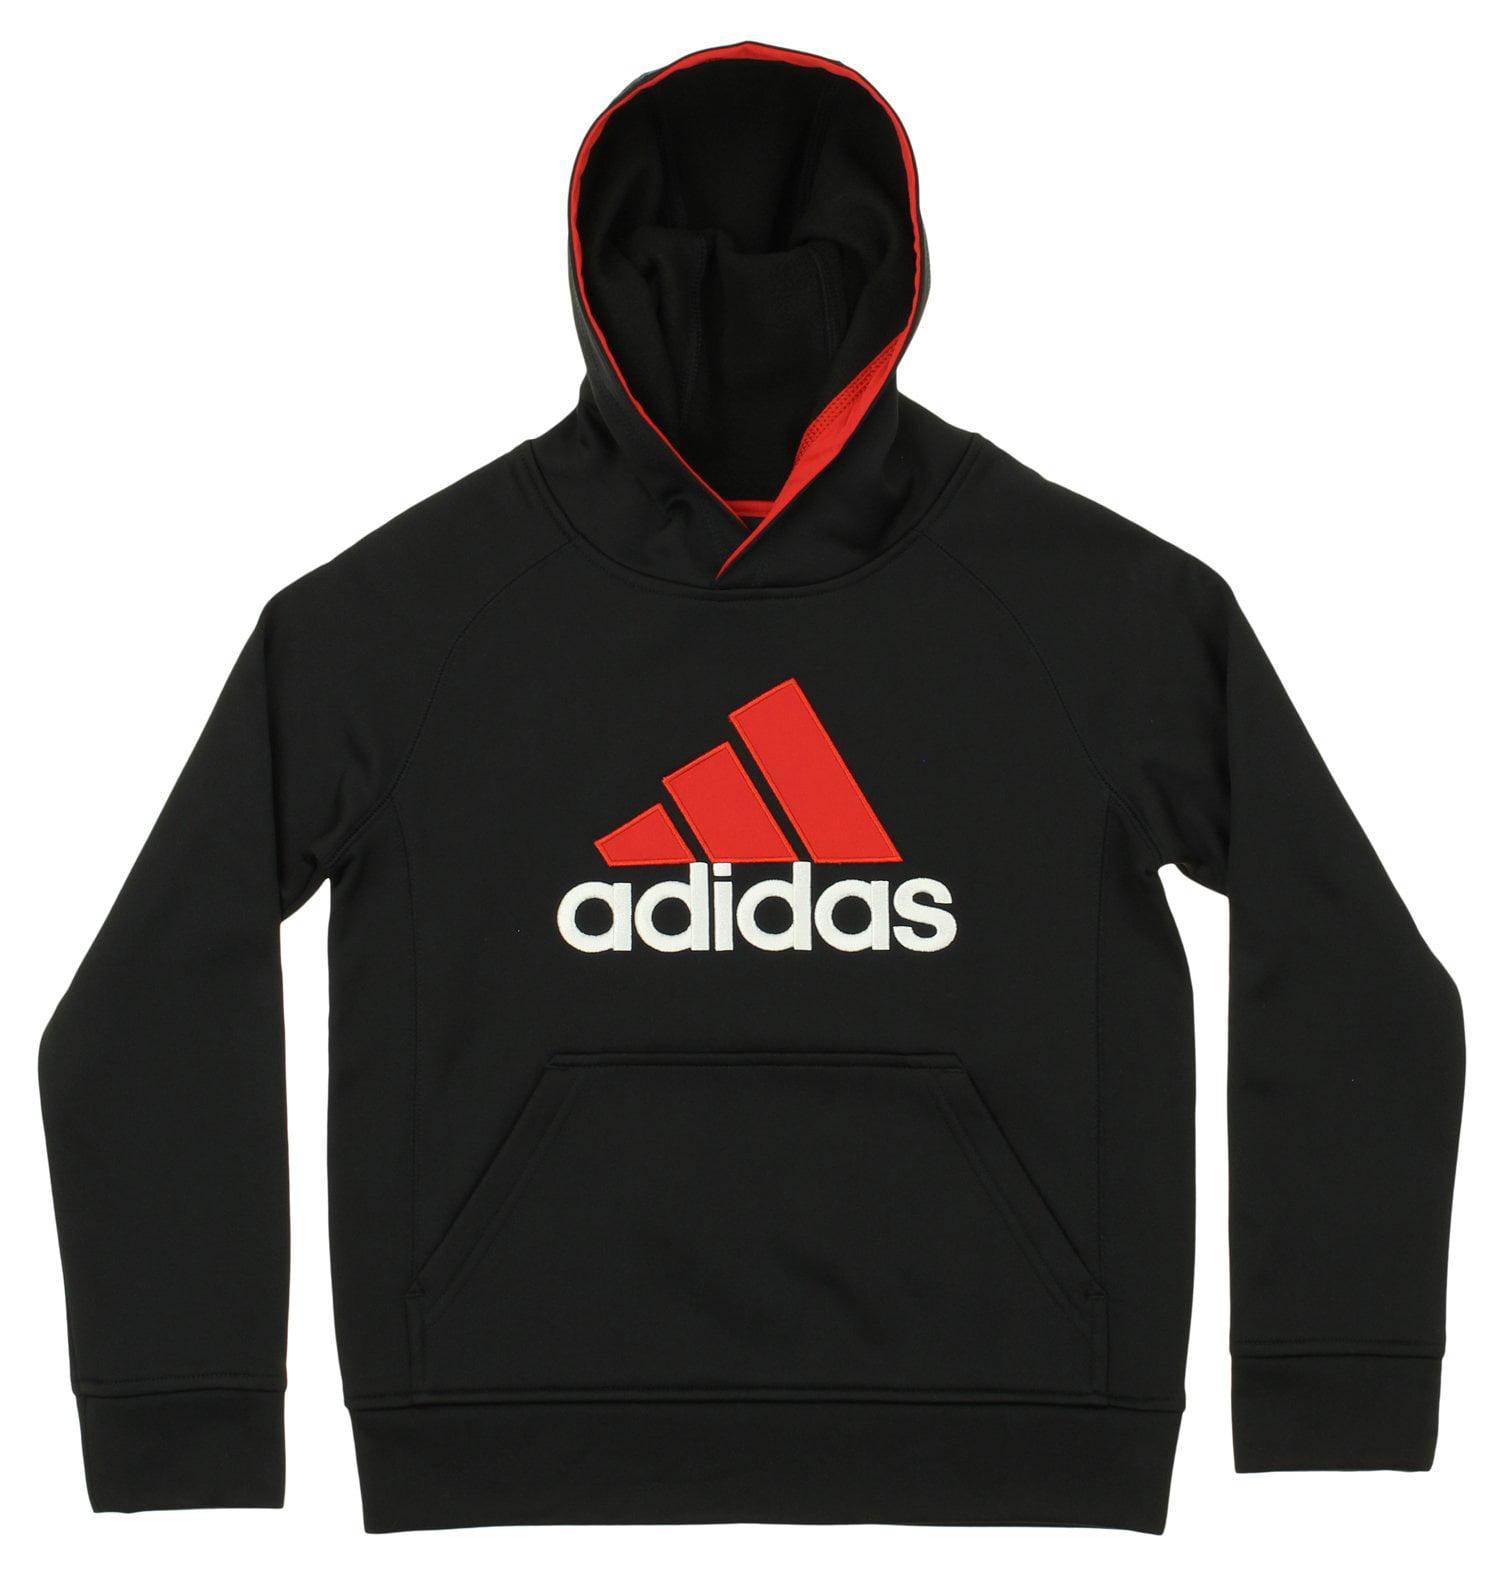 c1aa9606149 Adidas Tech Fleece Hooded Sweatshirt – EDGE Engineering and ...